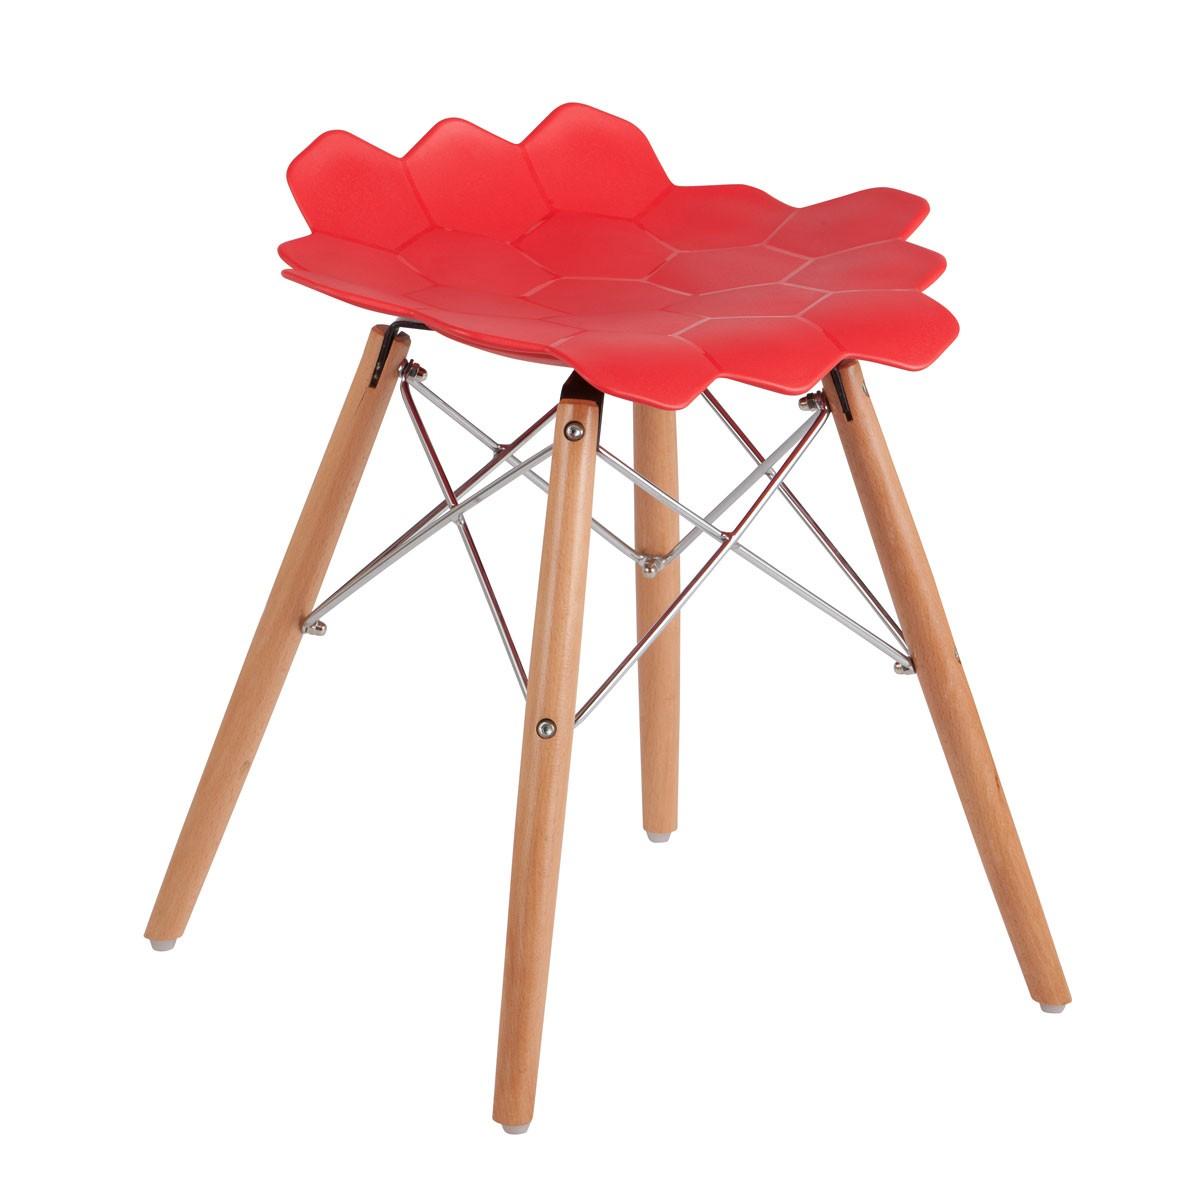 Chaise Plastique en Rouge avec 4 Pieds Bois - (YMG-9211-1)